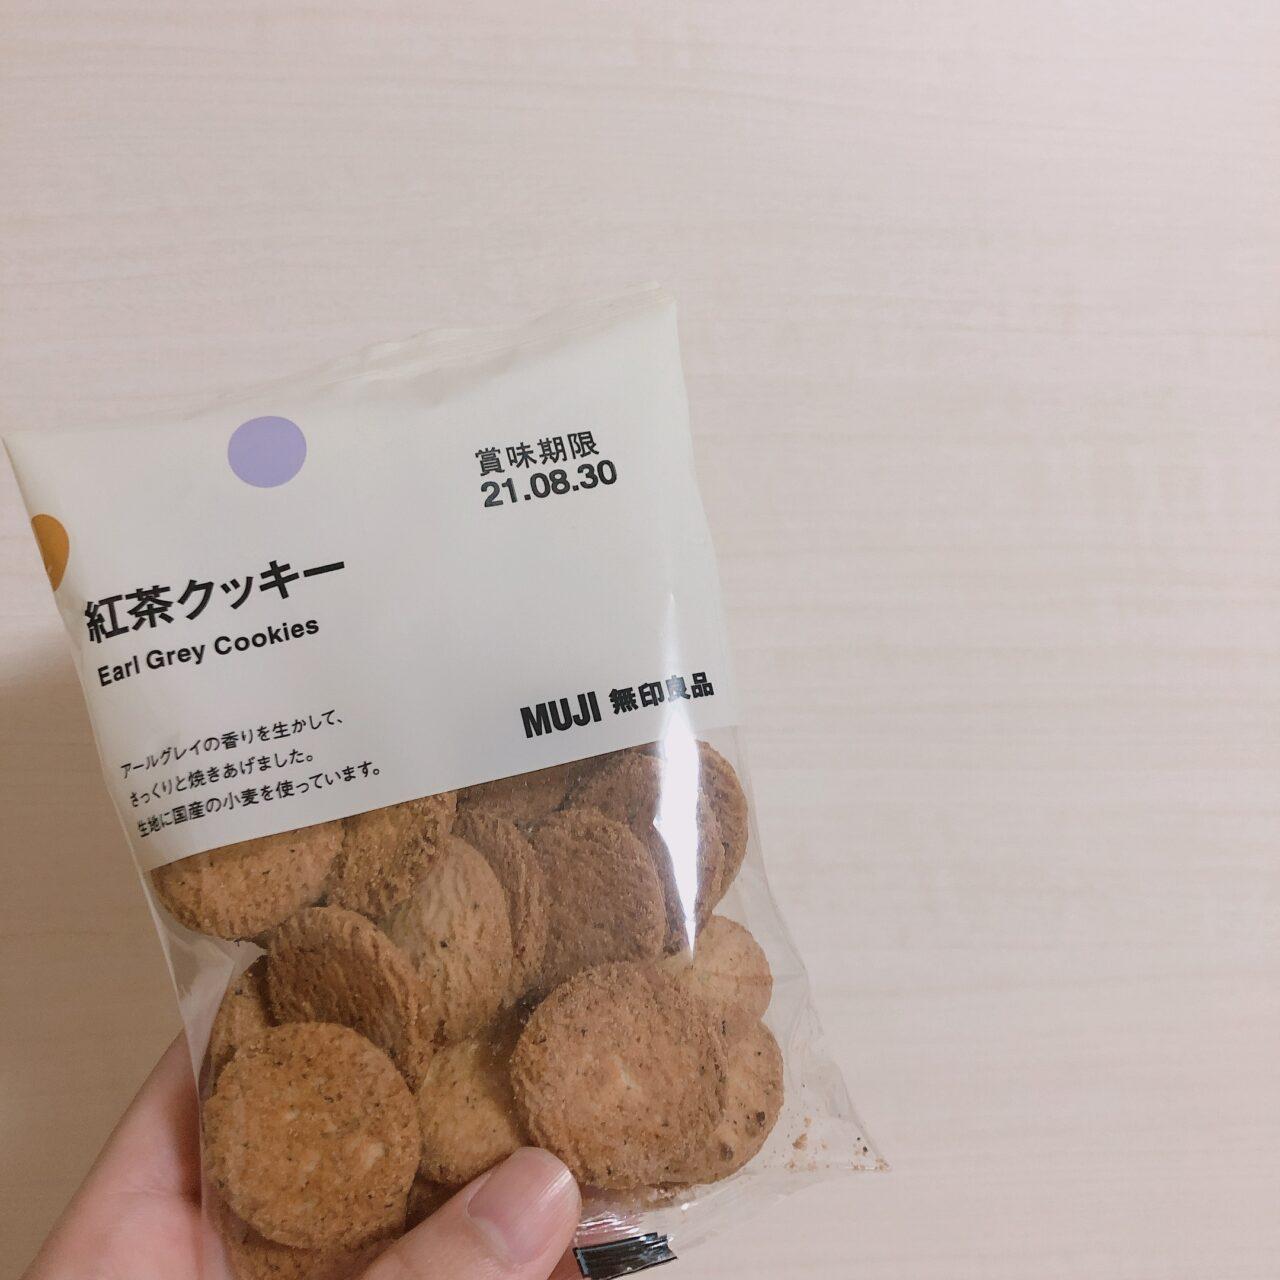 無印良品 紅茶クッキー